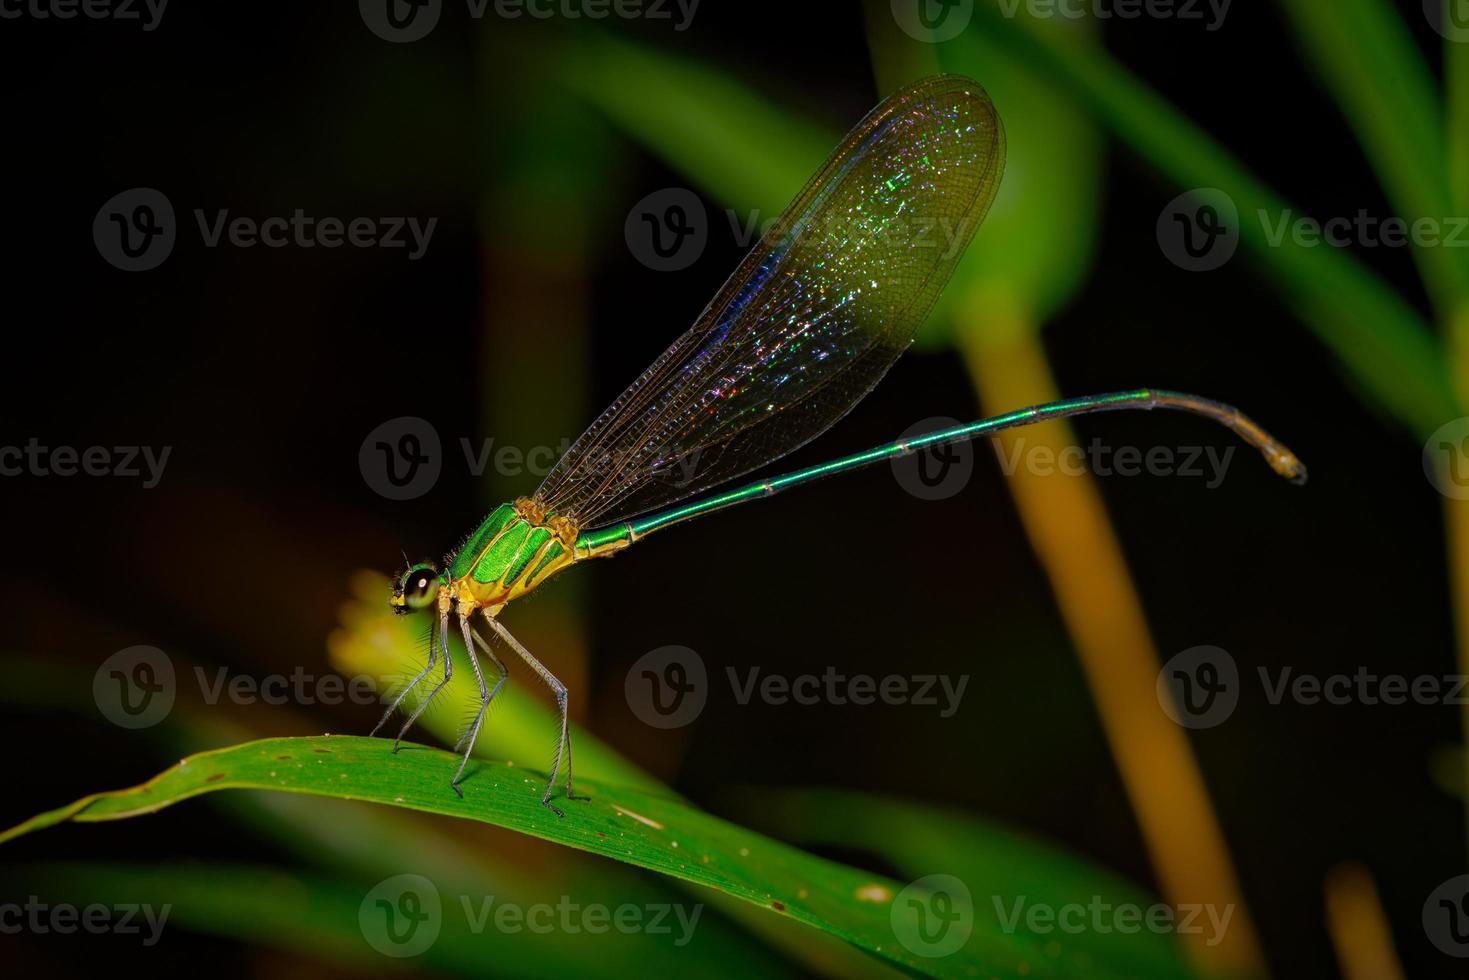 gloria forestale dalle ali chiare (vestalis gracilis), profilo, rivolto a sinistra, centrato foto